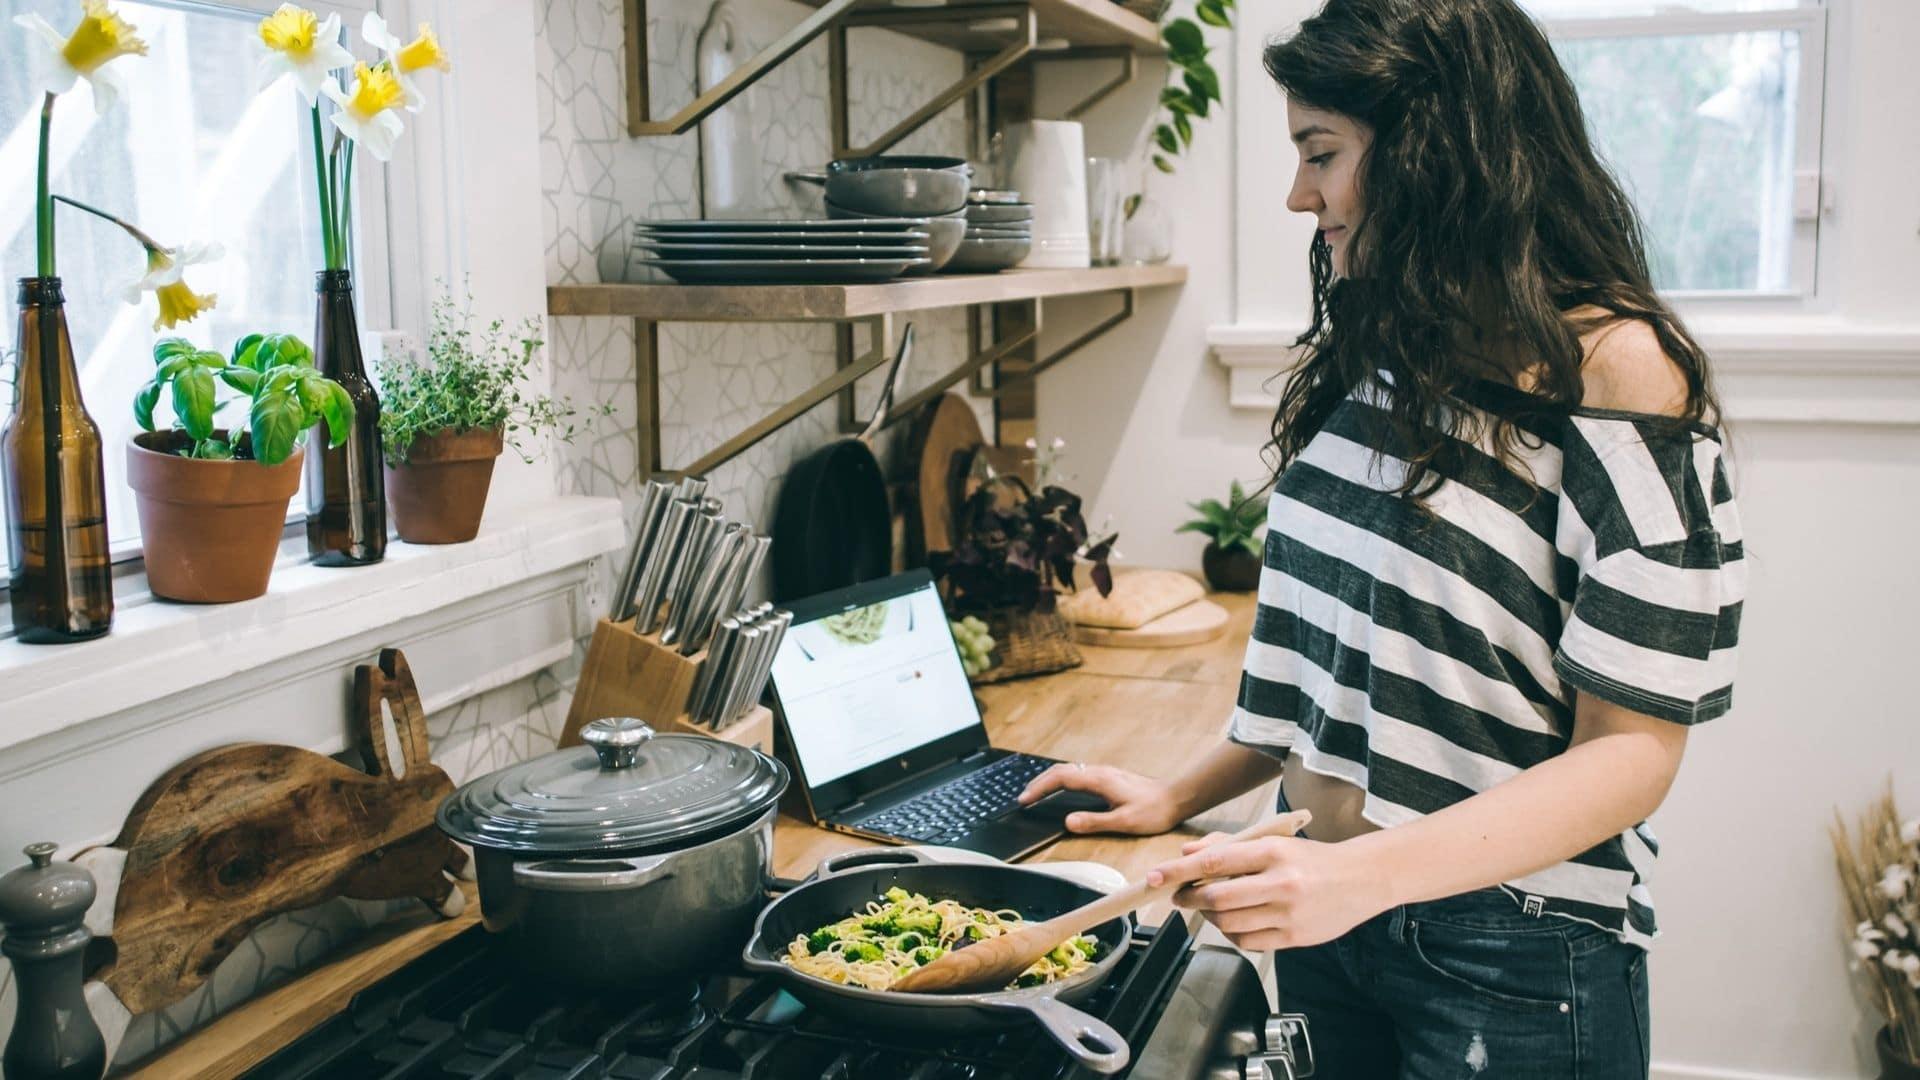 chef sur le campus paris cours de cuisine en ligne gratuit étudiant bien manger sain